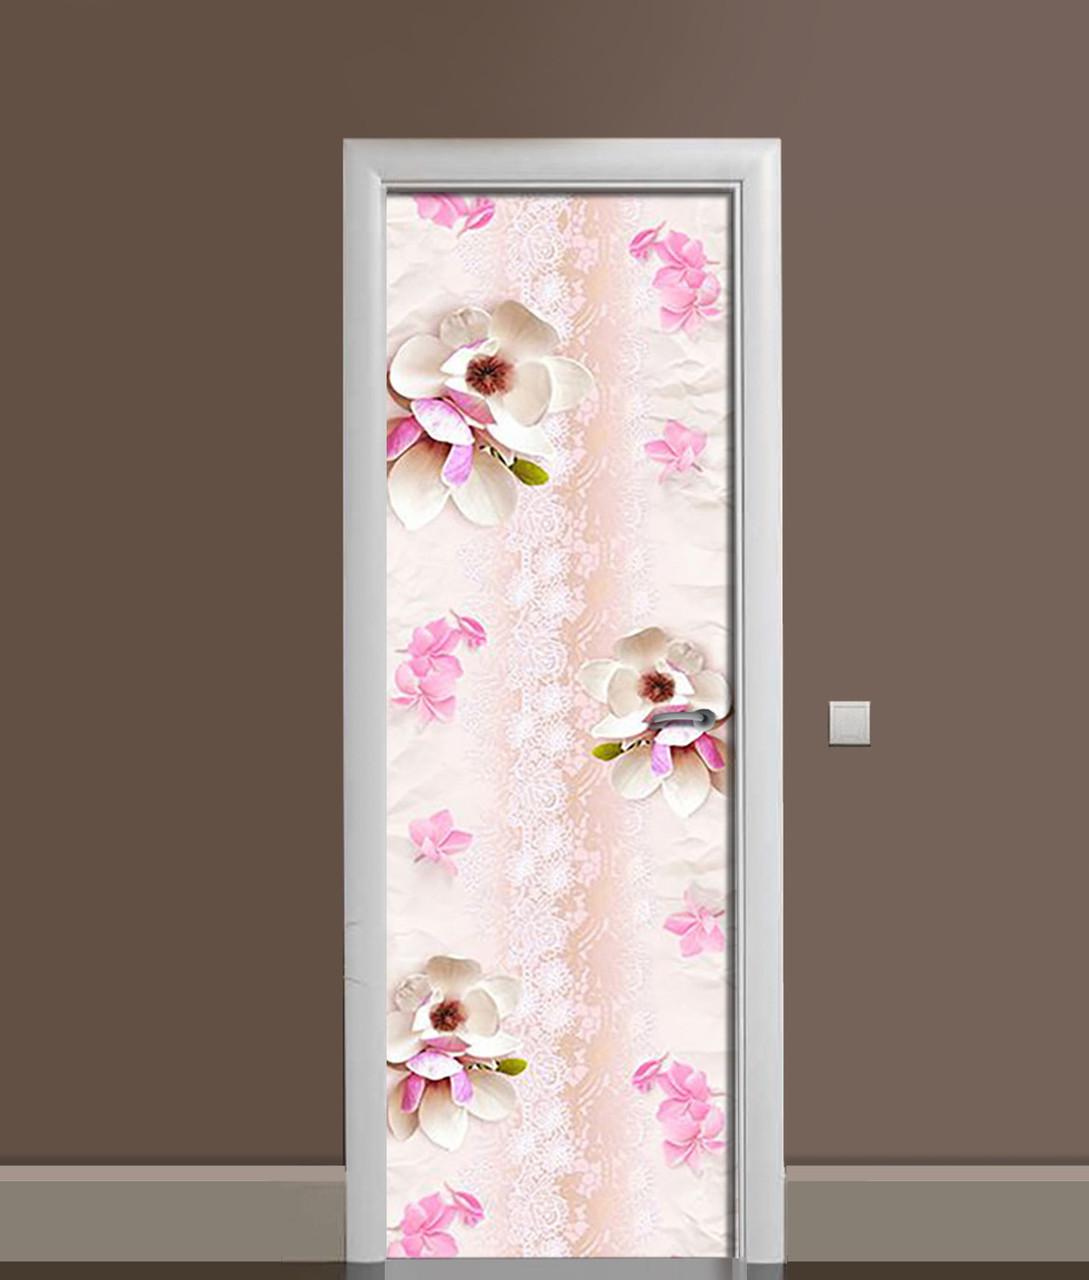 Вінілова 3Д наклейка на двері Магнолії Візерунок самоклеюча плівка ПВХ орнамент Квіти Рожевий 650*2000 мм